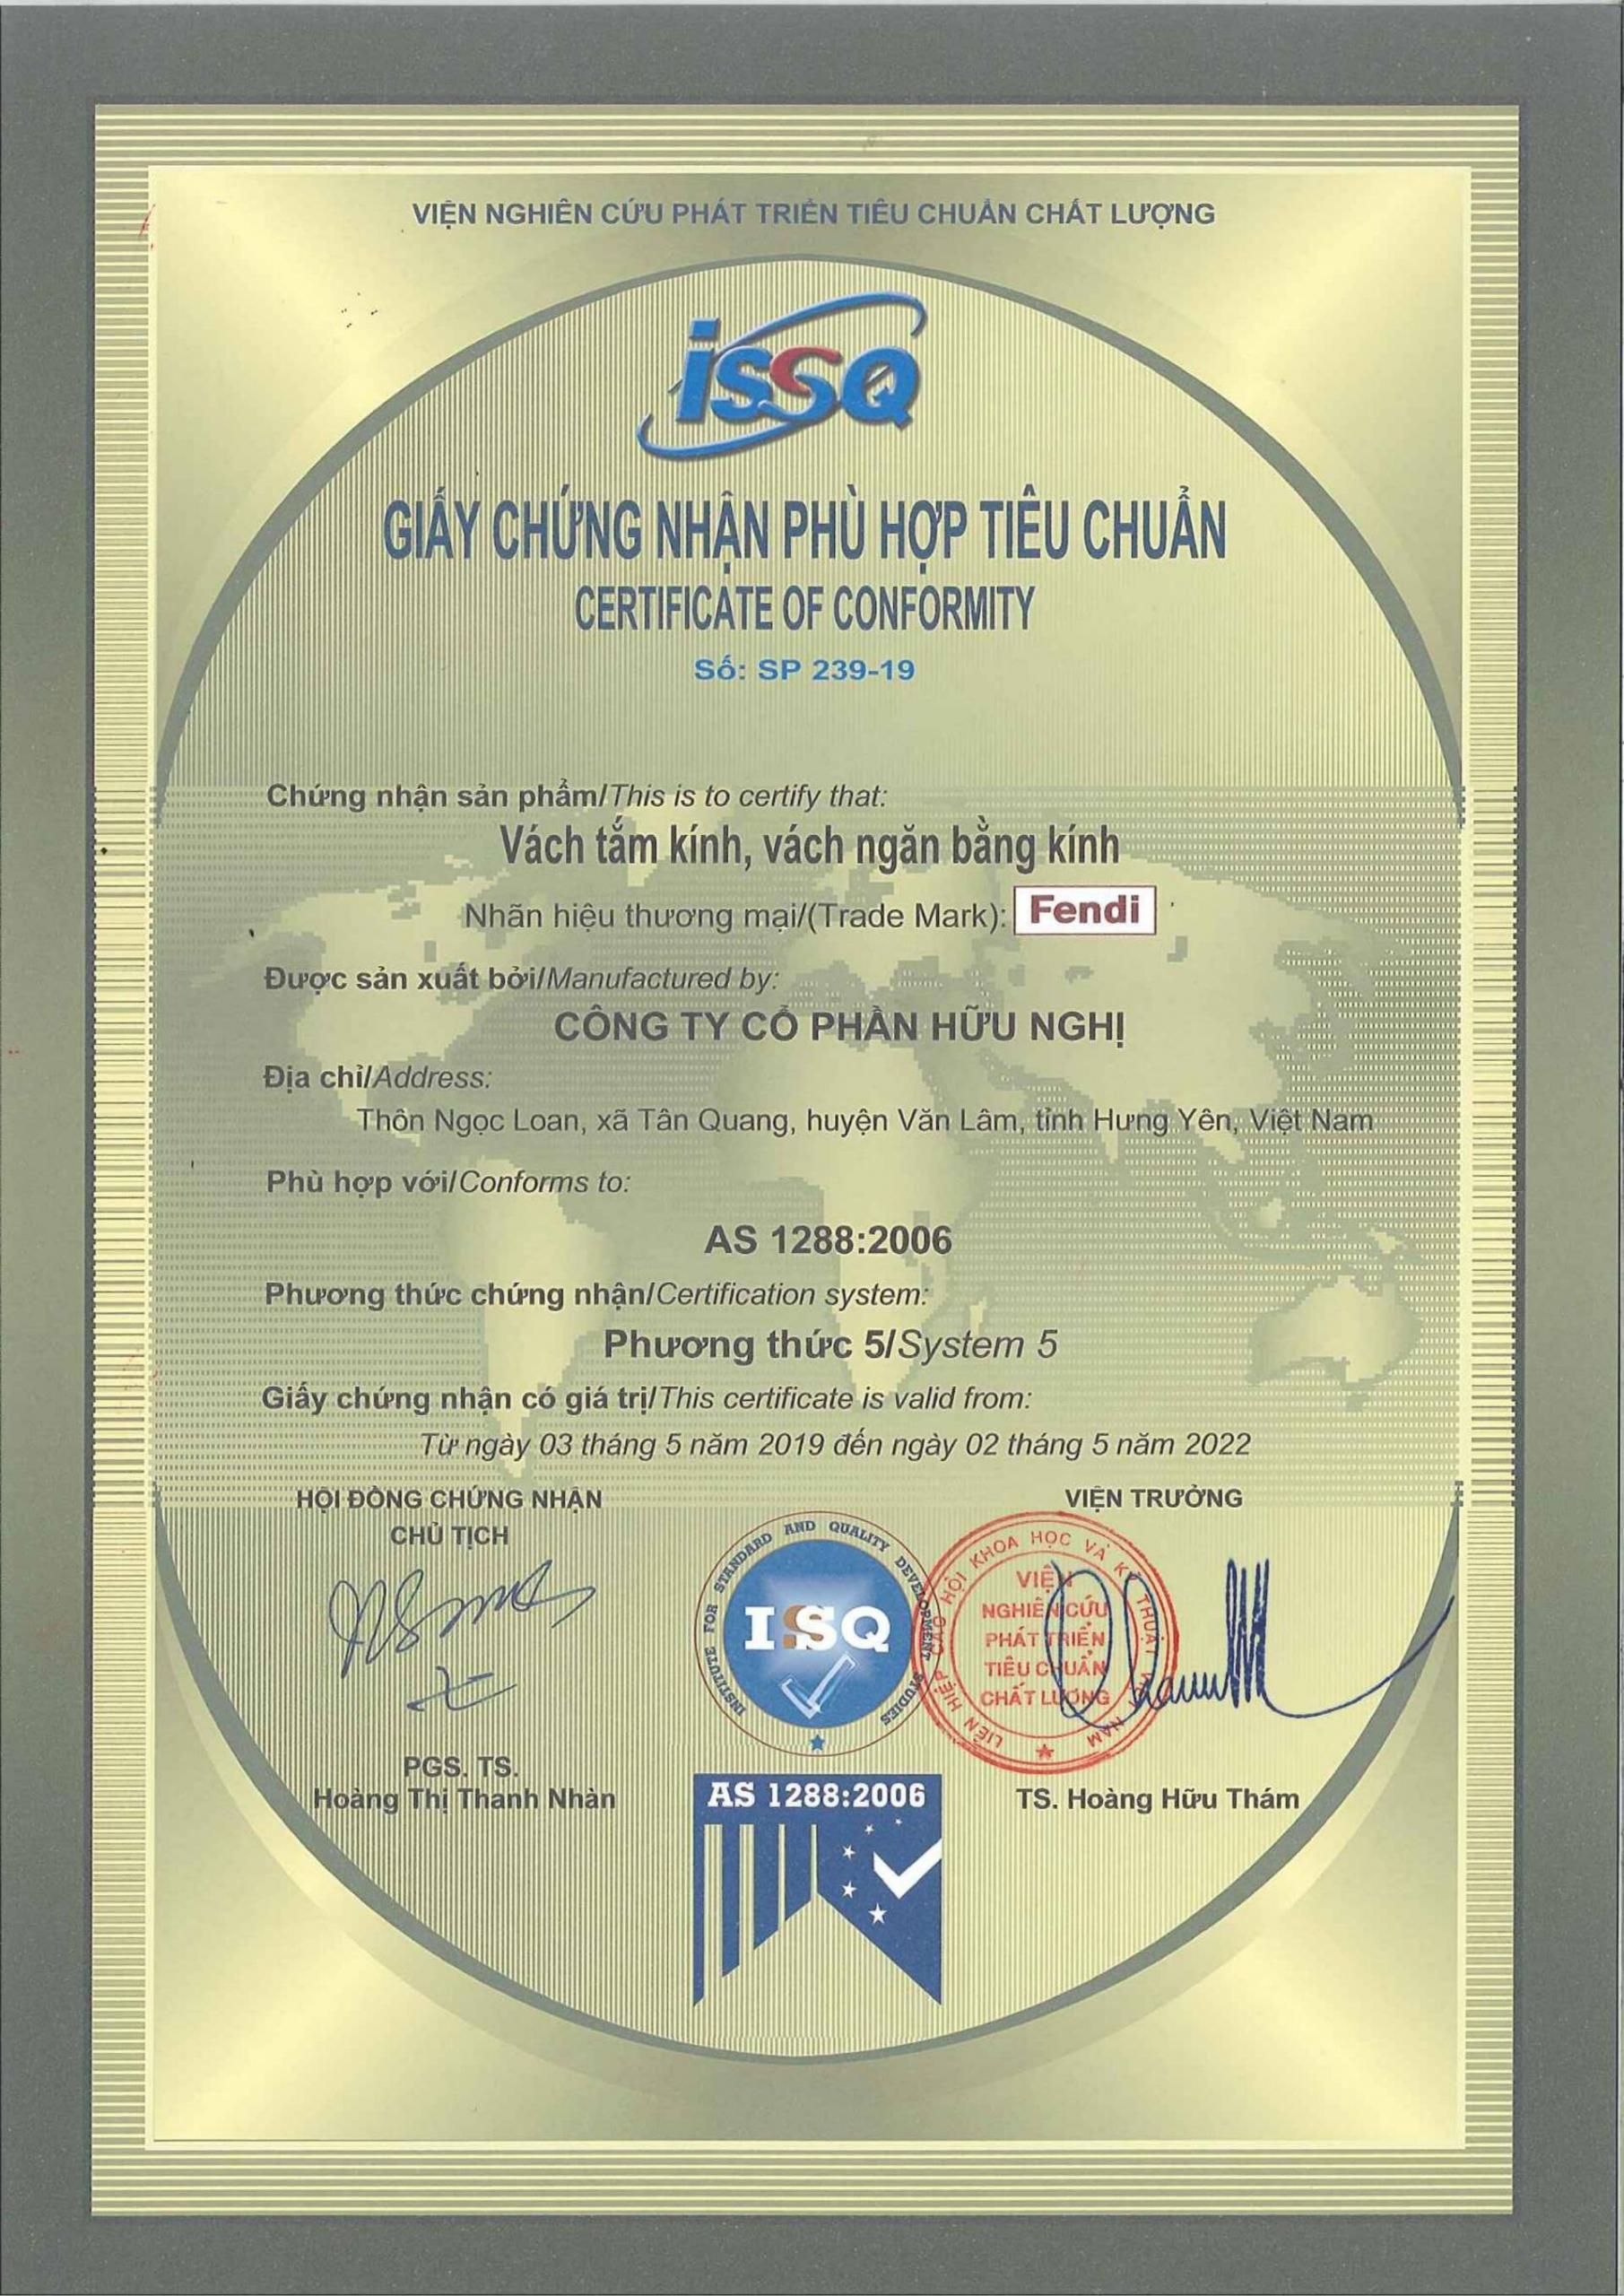 Phòng tắm kính Fendi được Tổng cục đo lường chất lượng Việt Nam xác nhận sản xuất theo tiêu chuẩn Úc AS 1288:2006